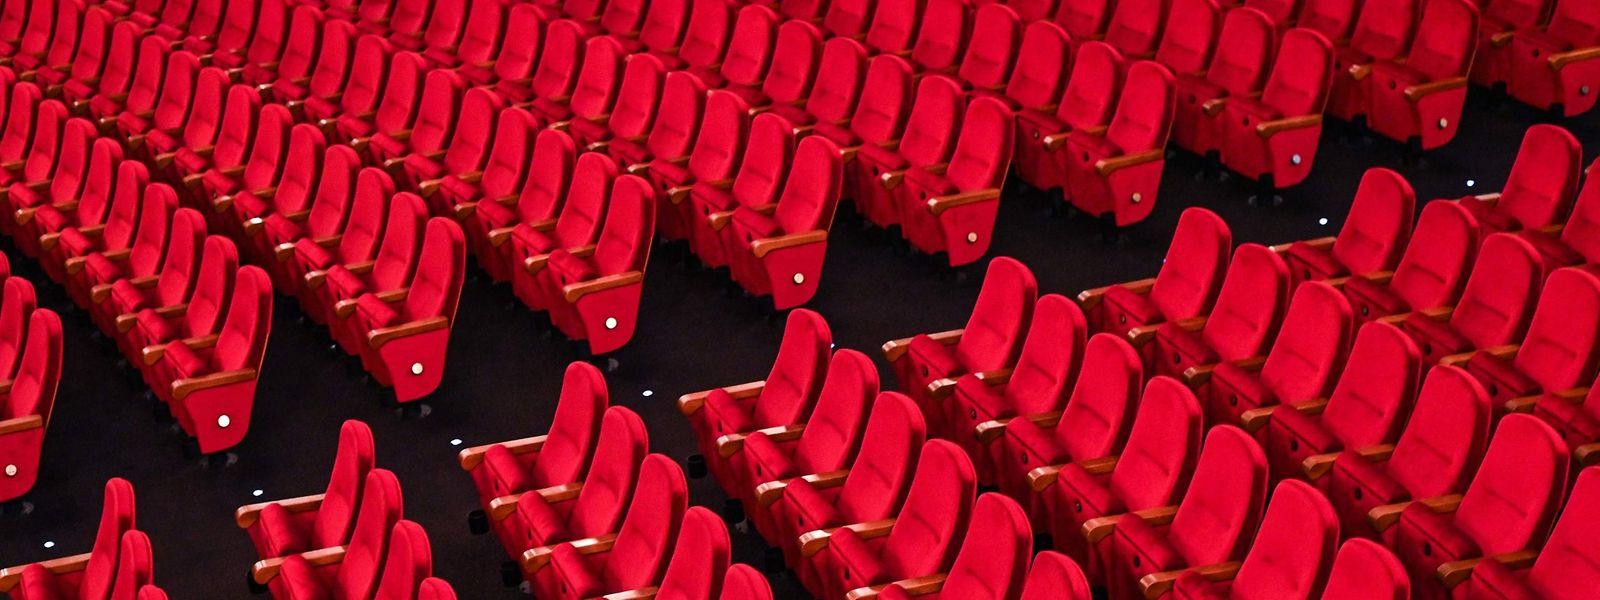 Ce n'est pas cette année que les cinémas luxembourgeois battront leur record de fréquentation : 1,14 million de spectateurs en 2019.